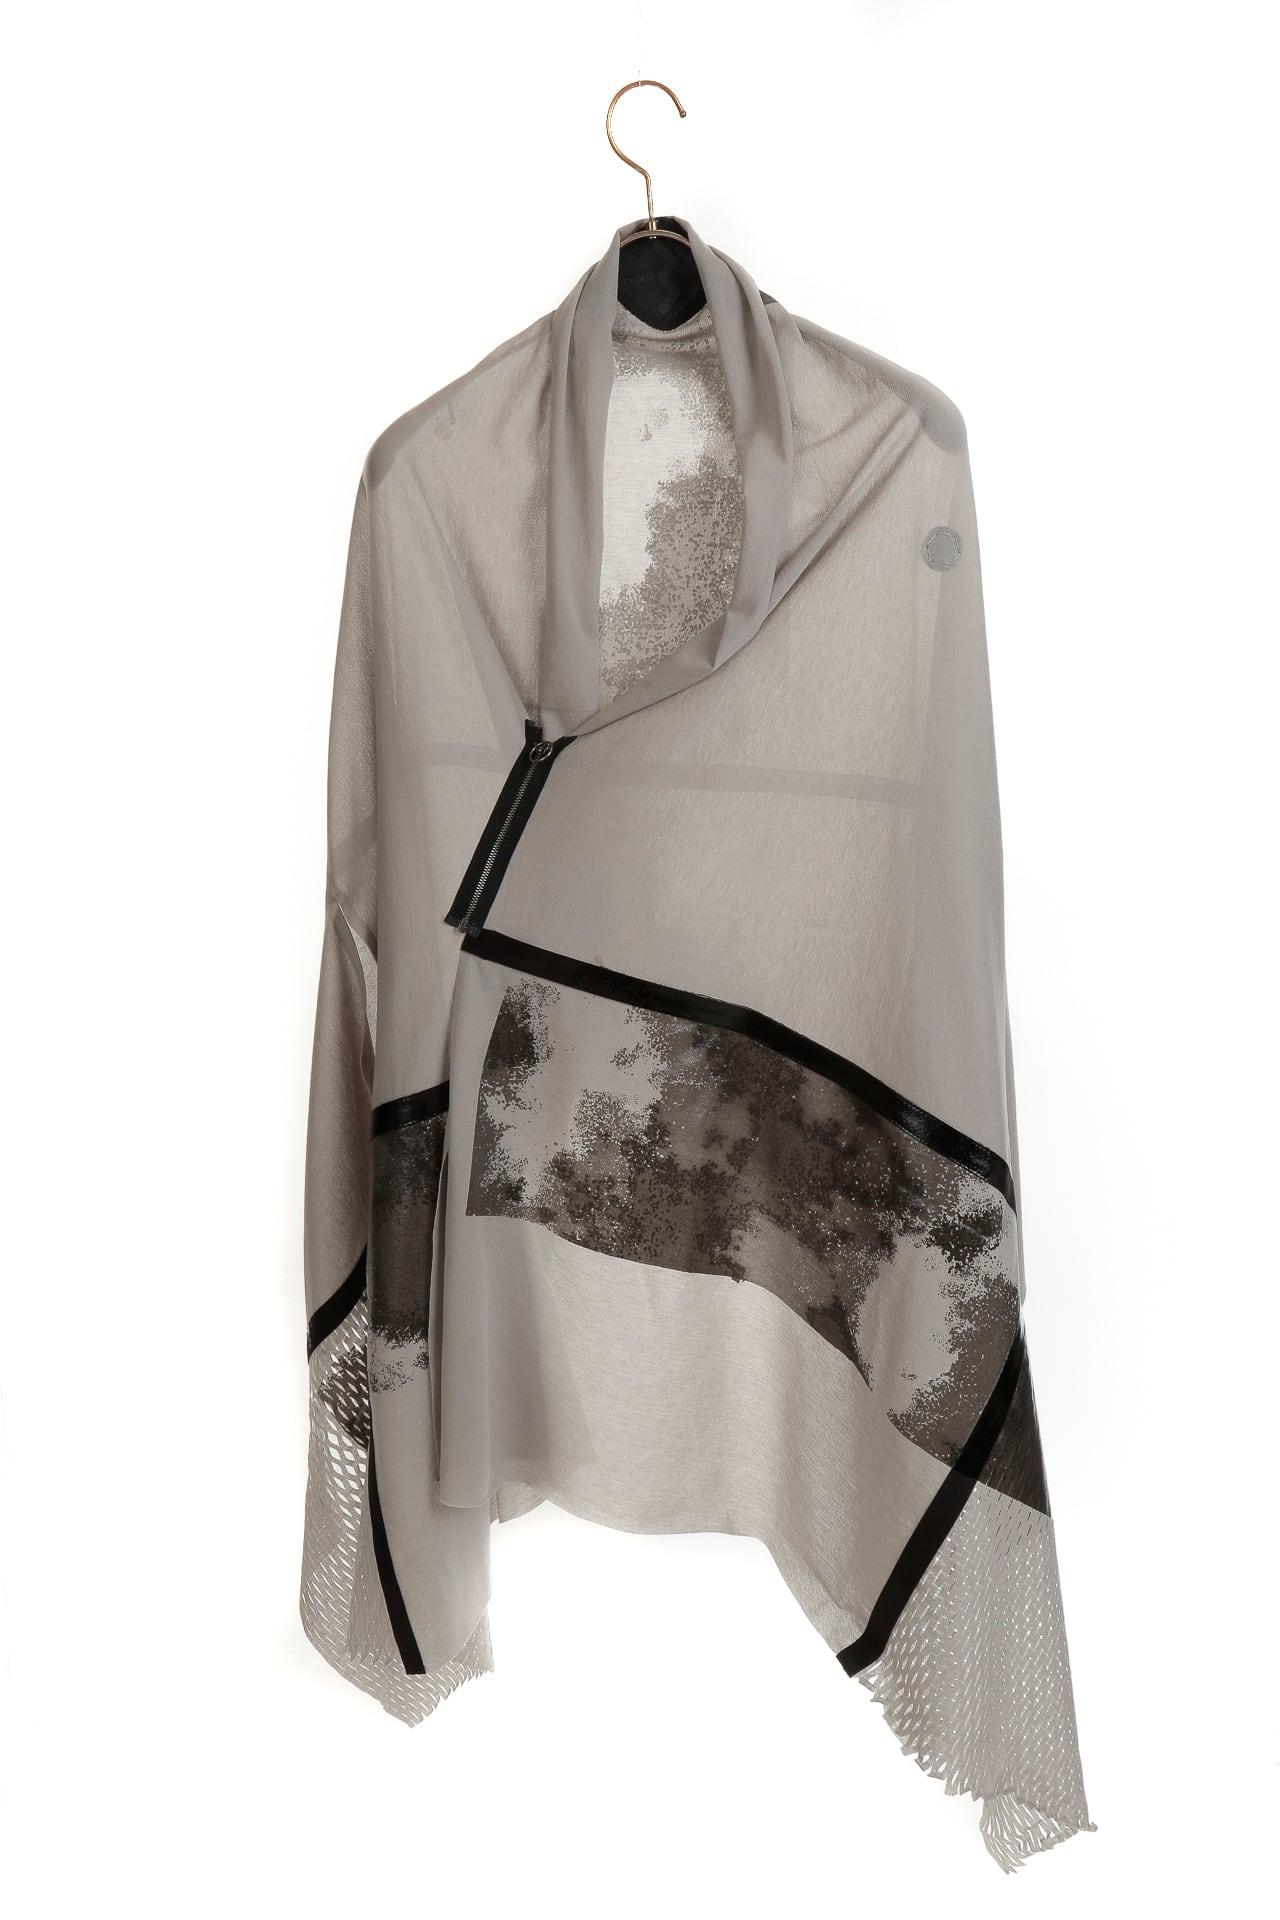 [着るアートストール] HAORI ANGEL【COTTONコットン】ハオリエンジェル KABUKU  SILVERGRAY×GRAY  202022[送料/税込]